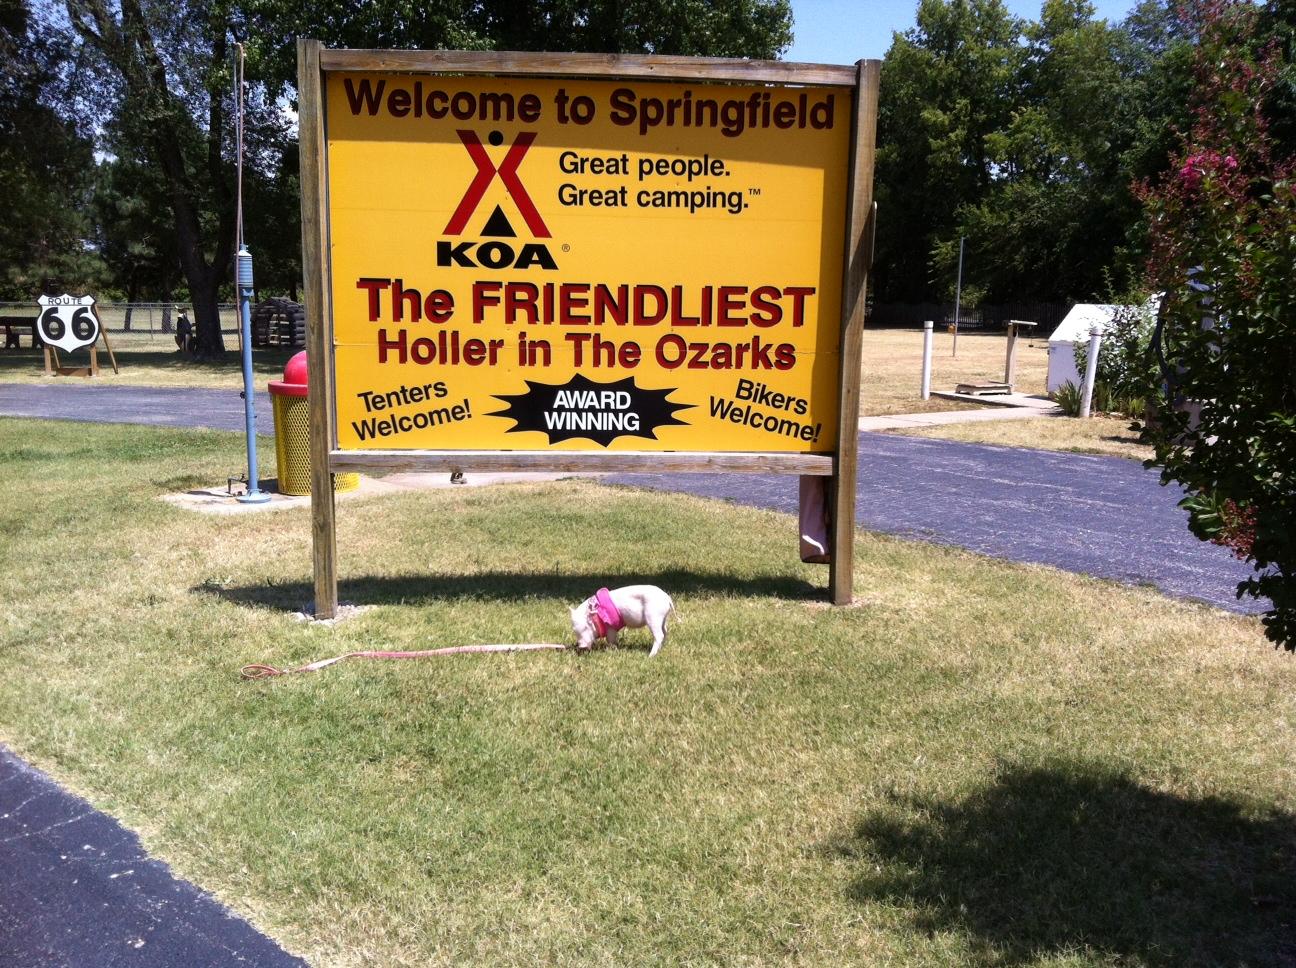 Springfield / Route 66 KOA Holiday image 17